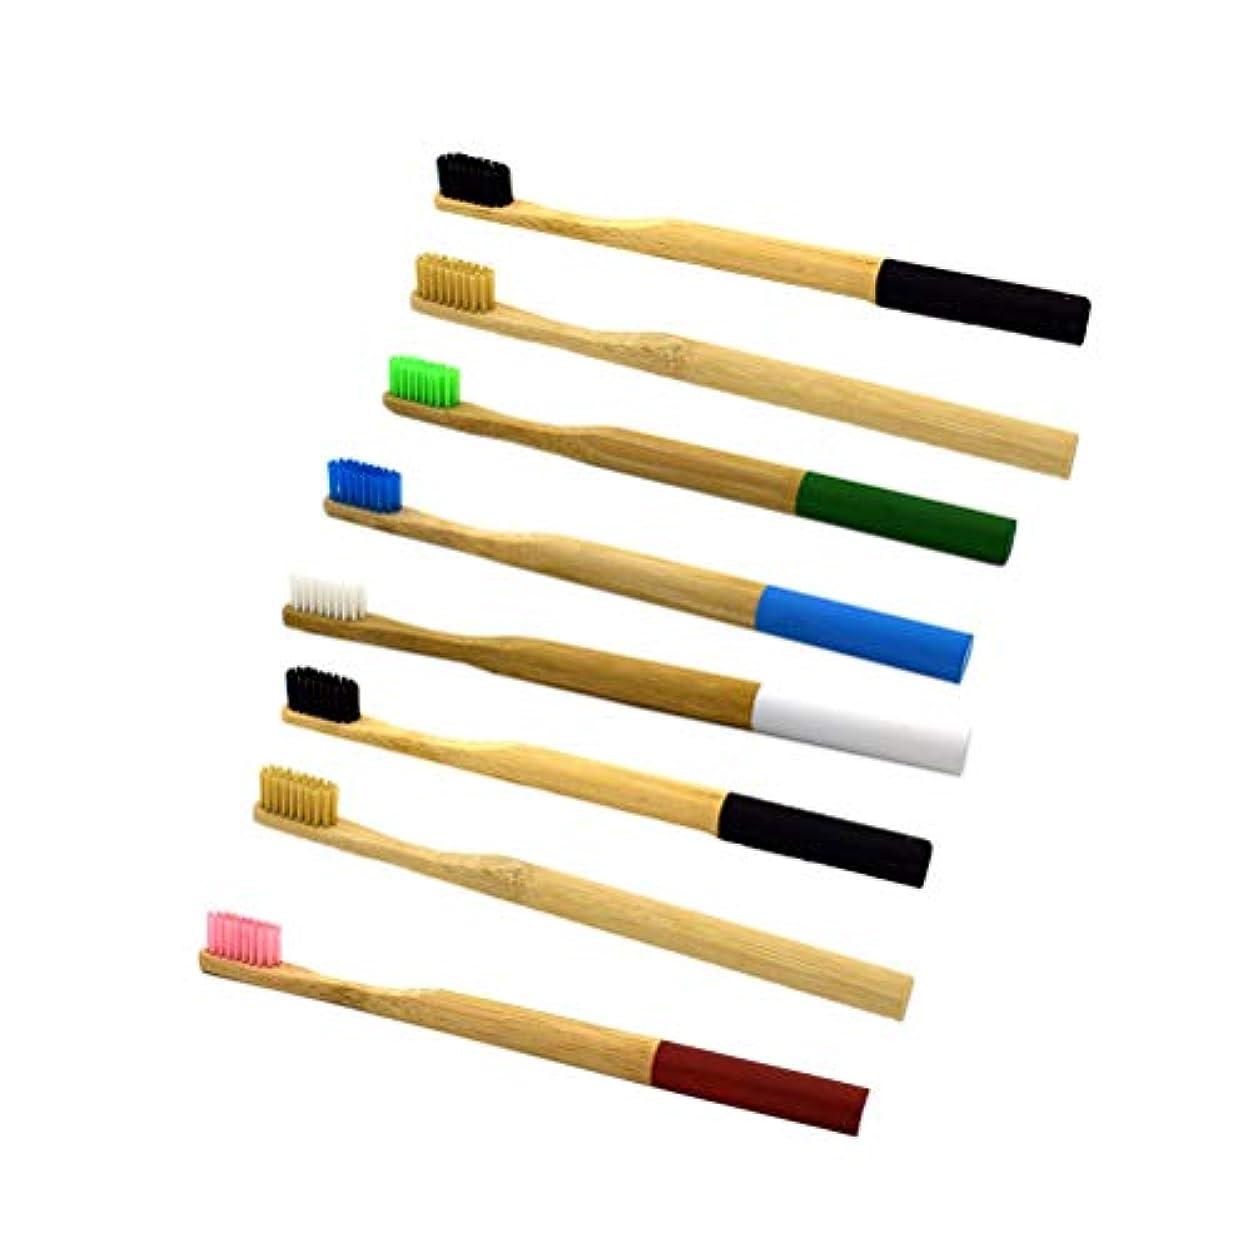 計算する清める西部Healifty 柔らかい環境に優しい歯ブラシ8本の天然竹製の歯ブラシ柔らかいエコフレンドリーなラウンドハンドルの歯ブラシと柔らかいナイロン剛毛(混合色)